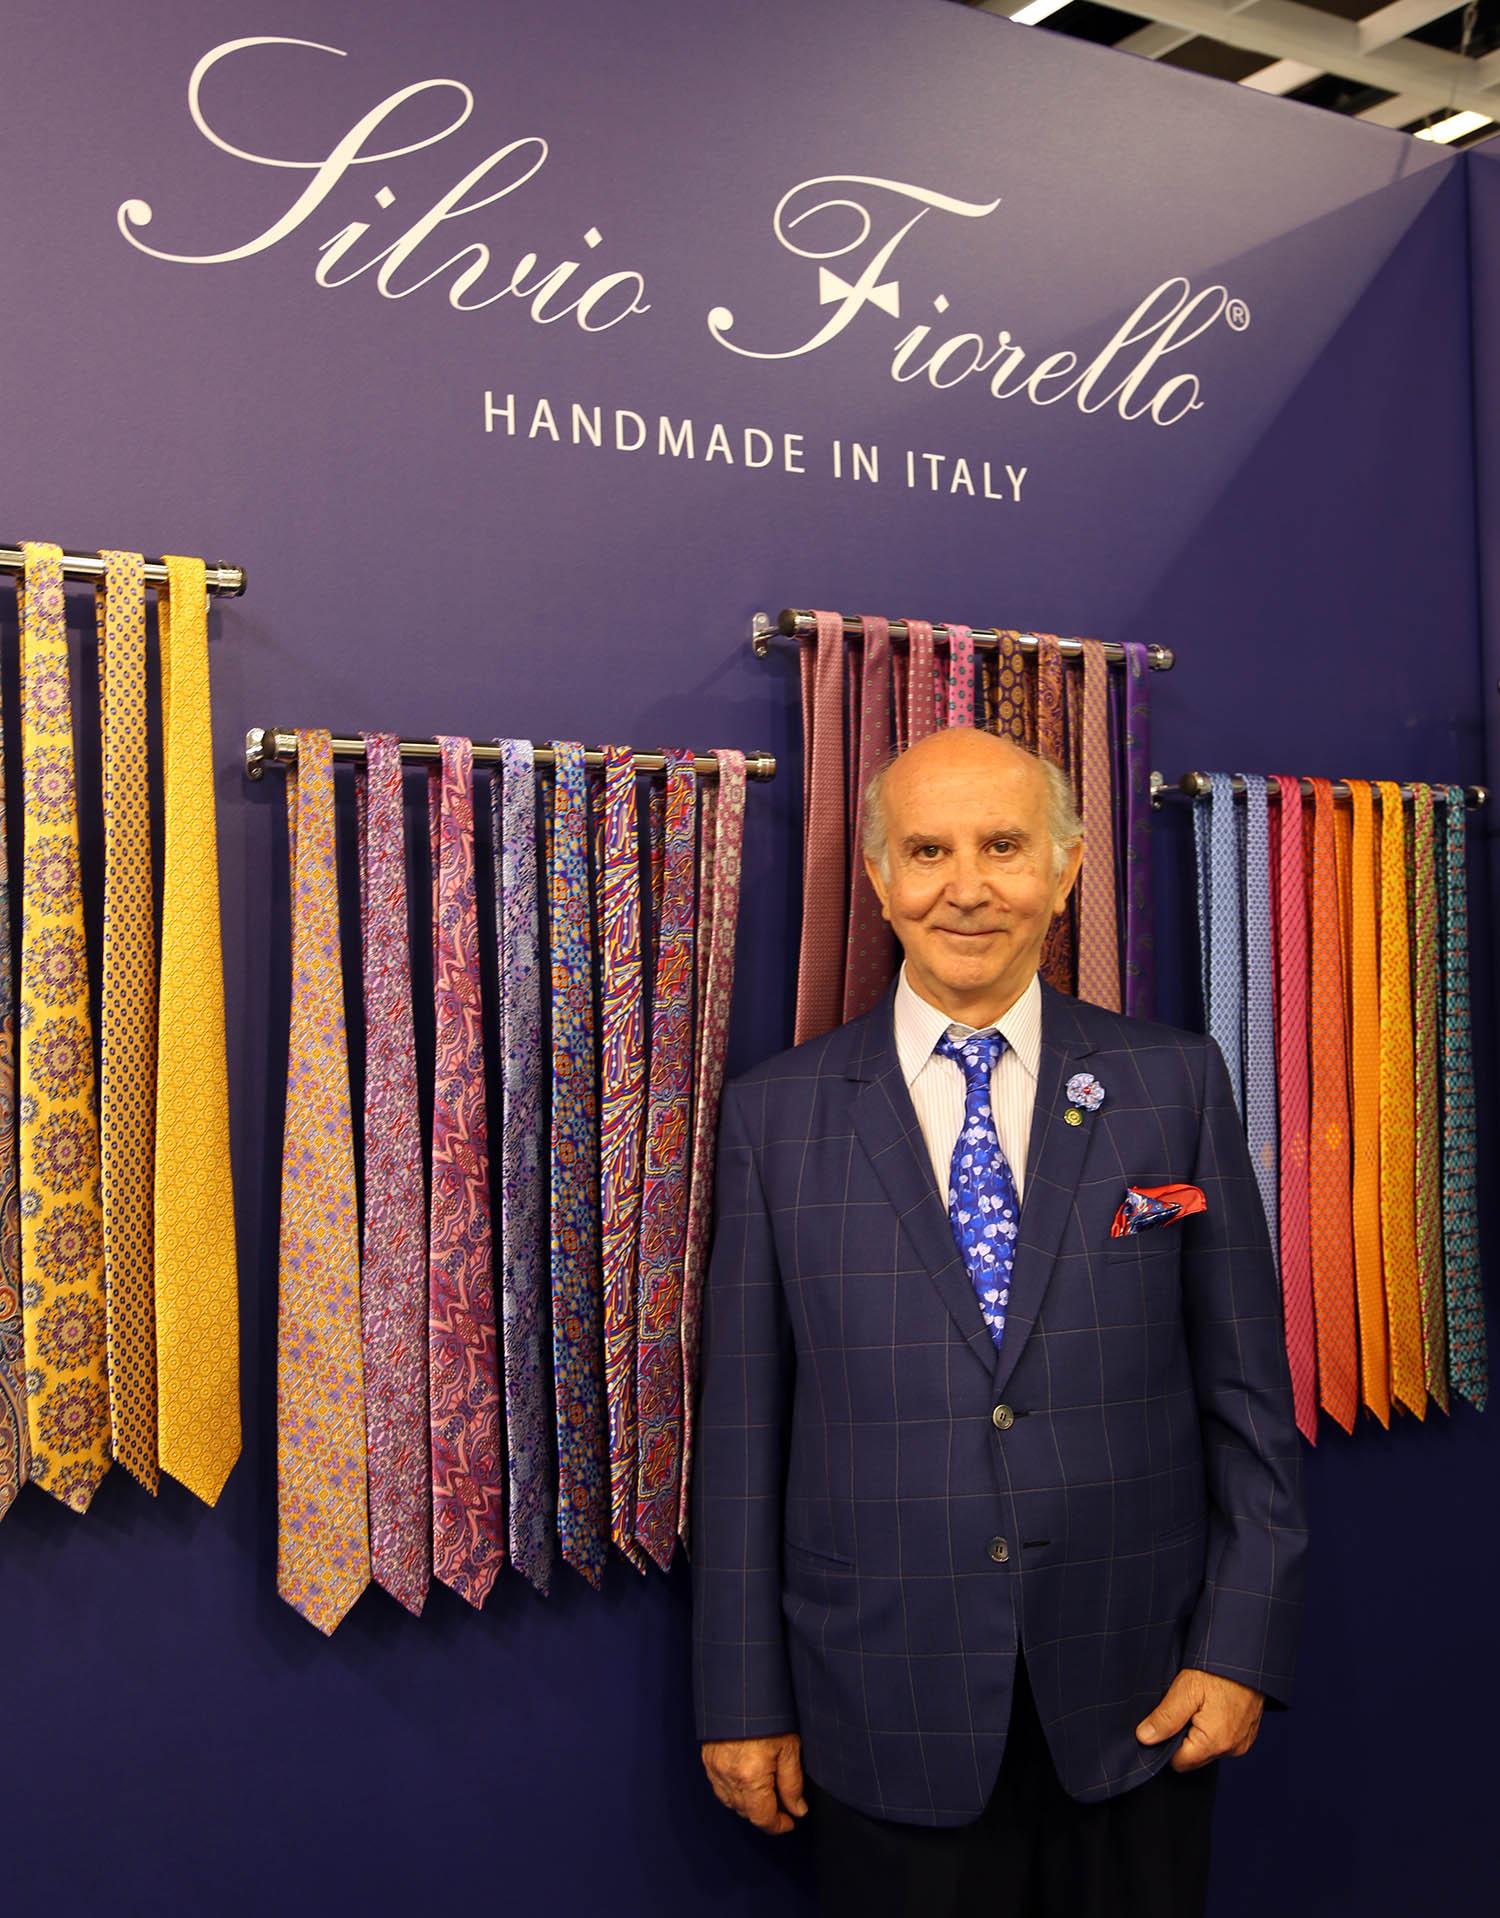 Silvio Fiorello in person with tie exhibition display.